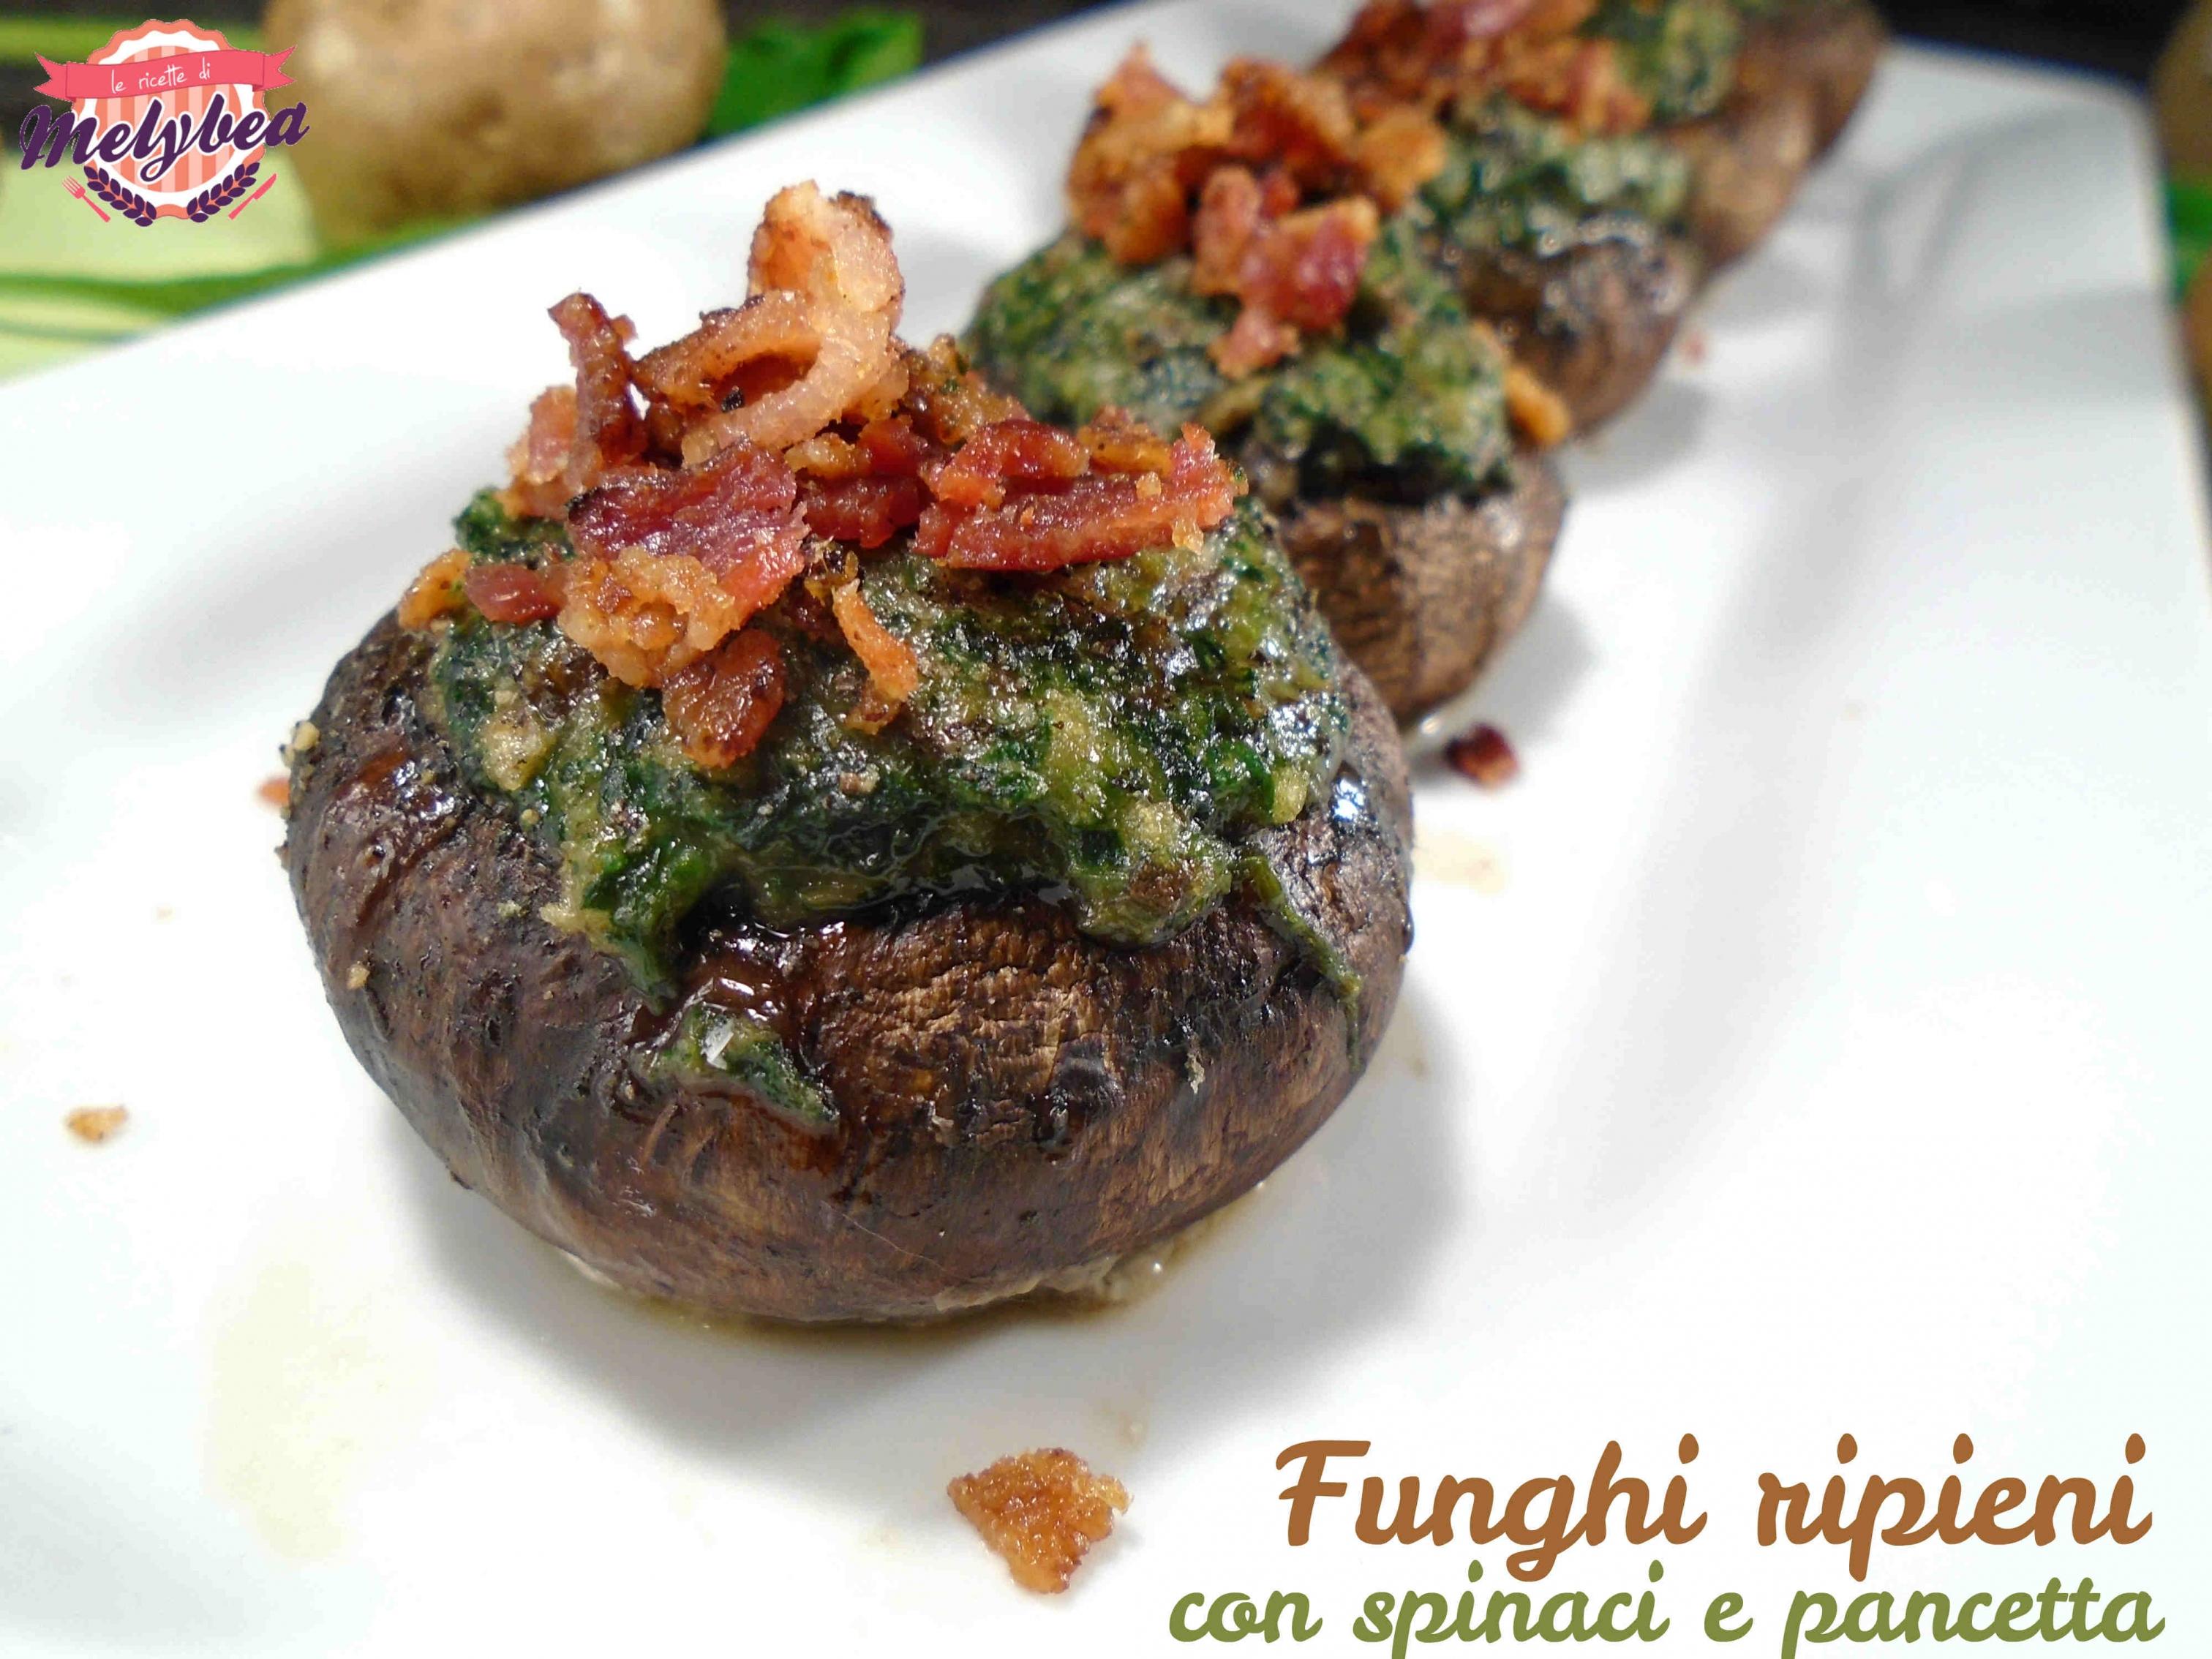 funghi ripieni con spinaci e pancetta